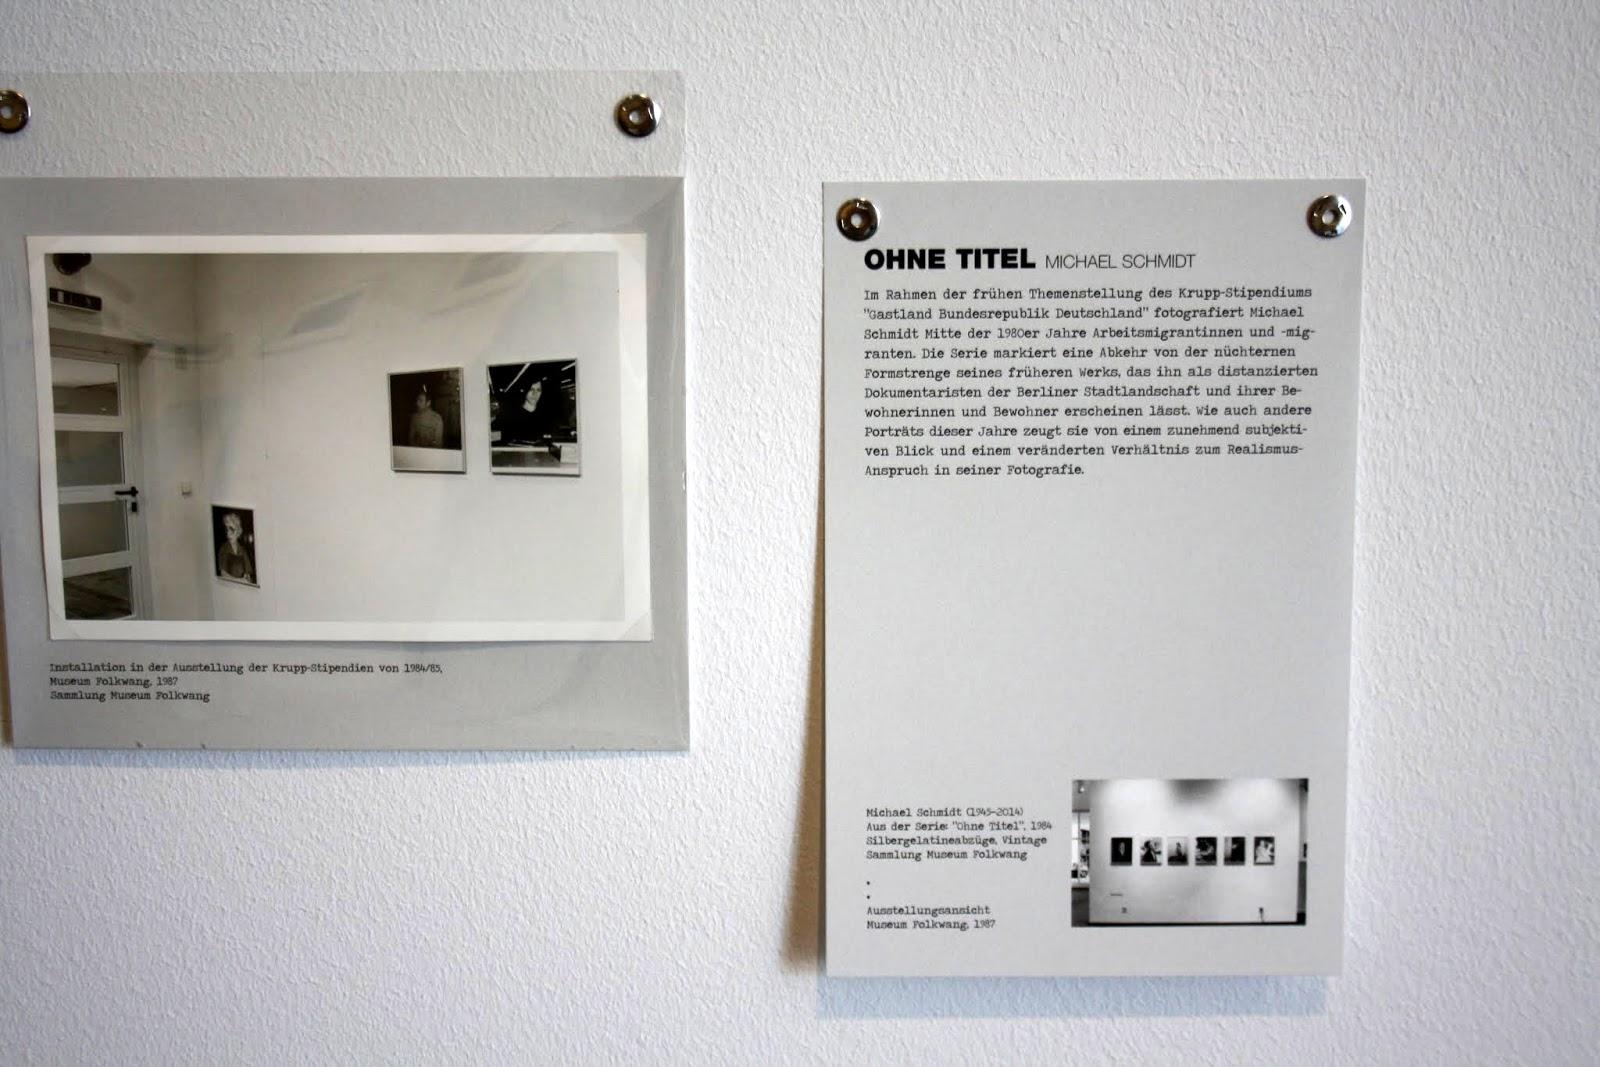 Ausgezeichnet 11x14 Rahmen Michaels Bilder - Benutzerdefinierte ...